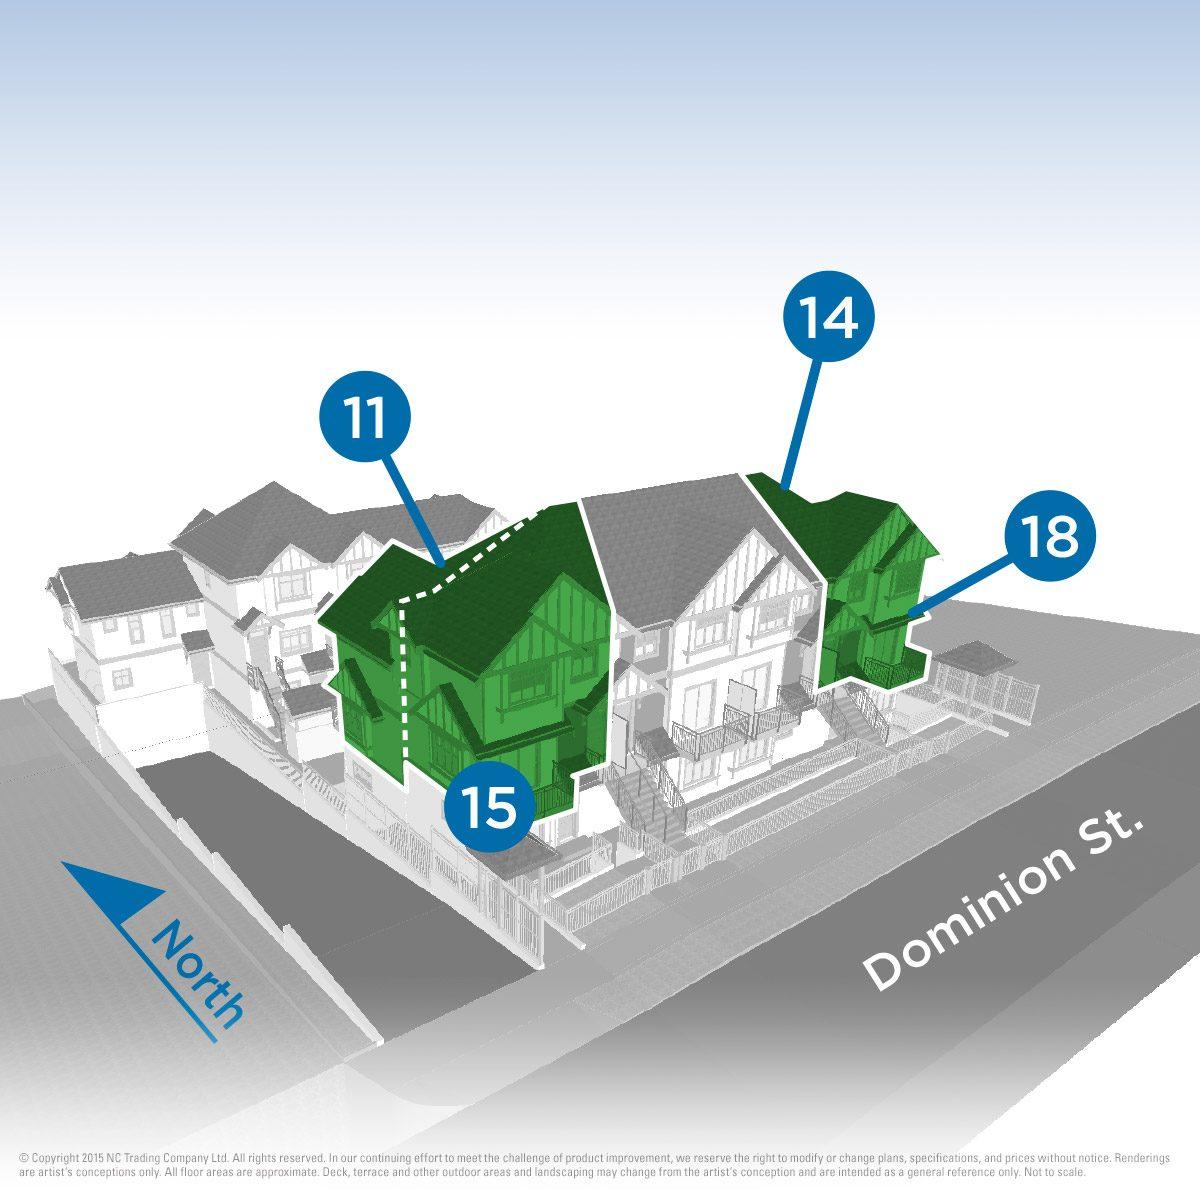 parkview-model-unit-11-14-15-18